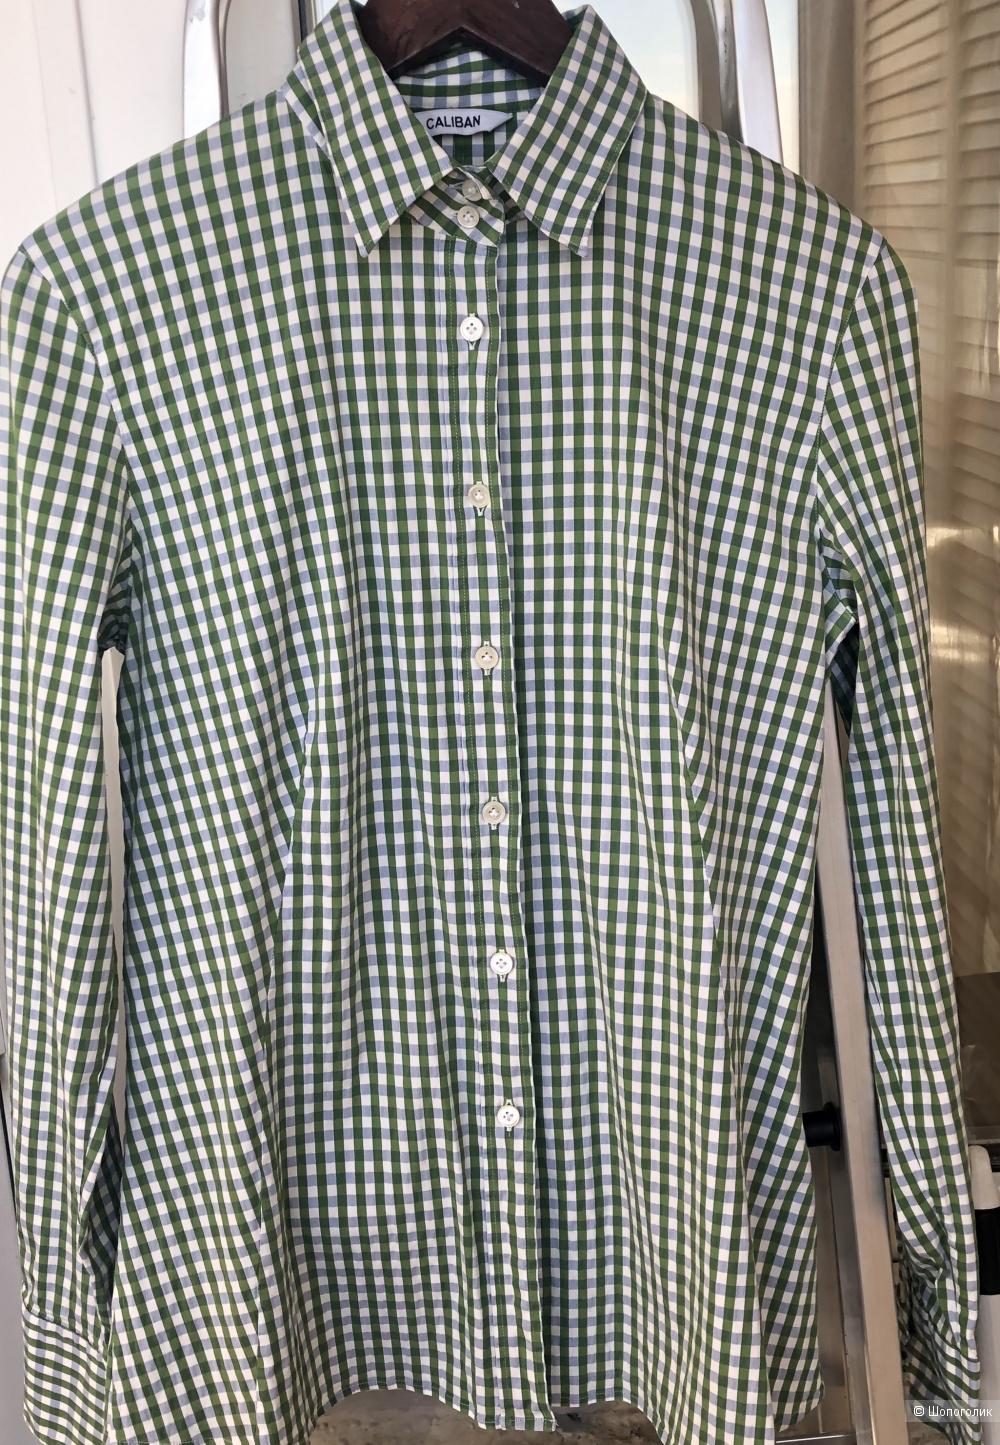 Зеленая рубашка  CALIBAN размер 48  ( на 46-48 российский )